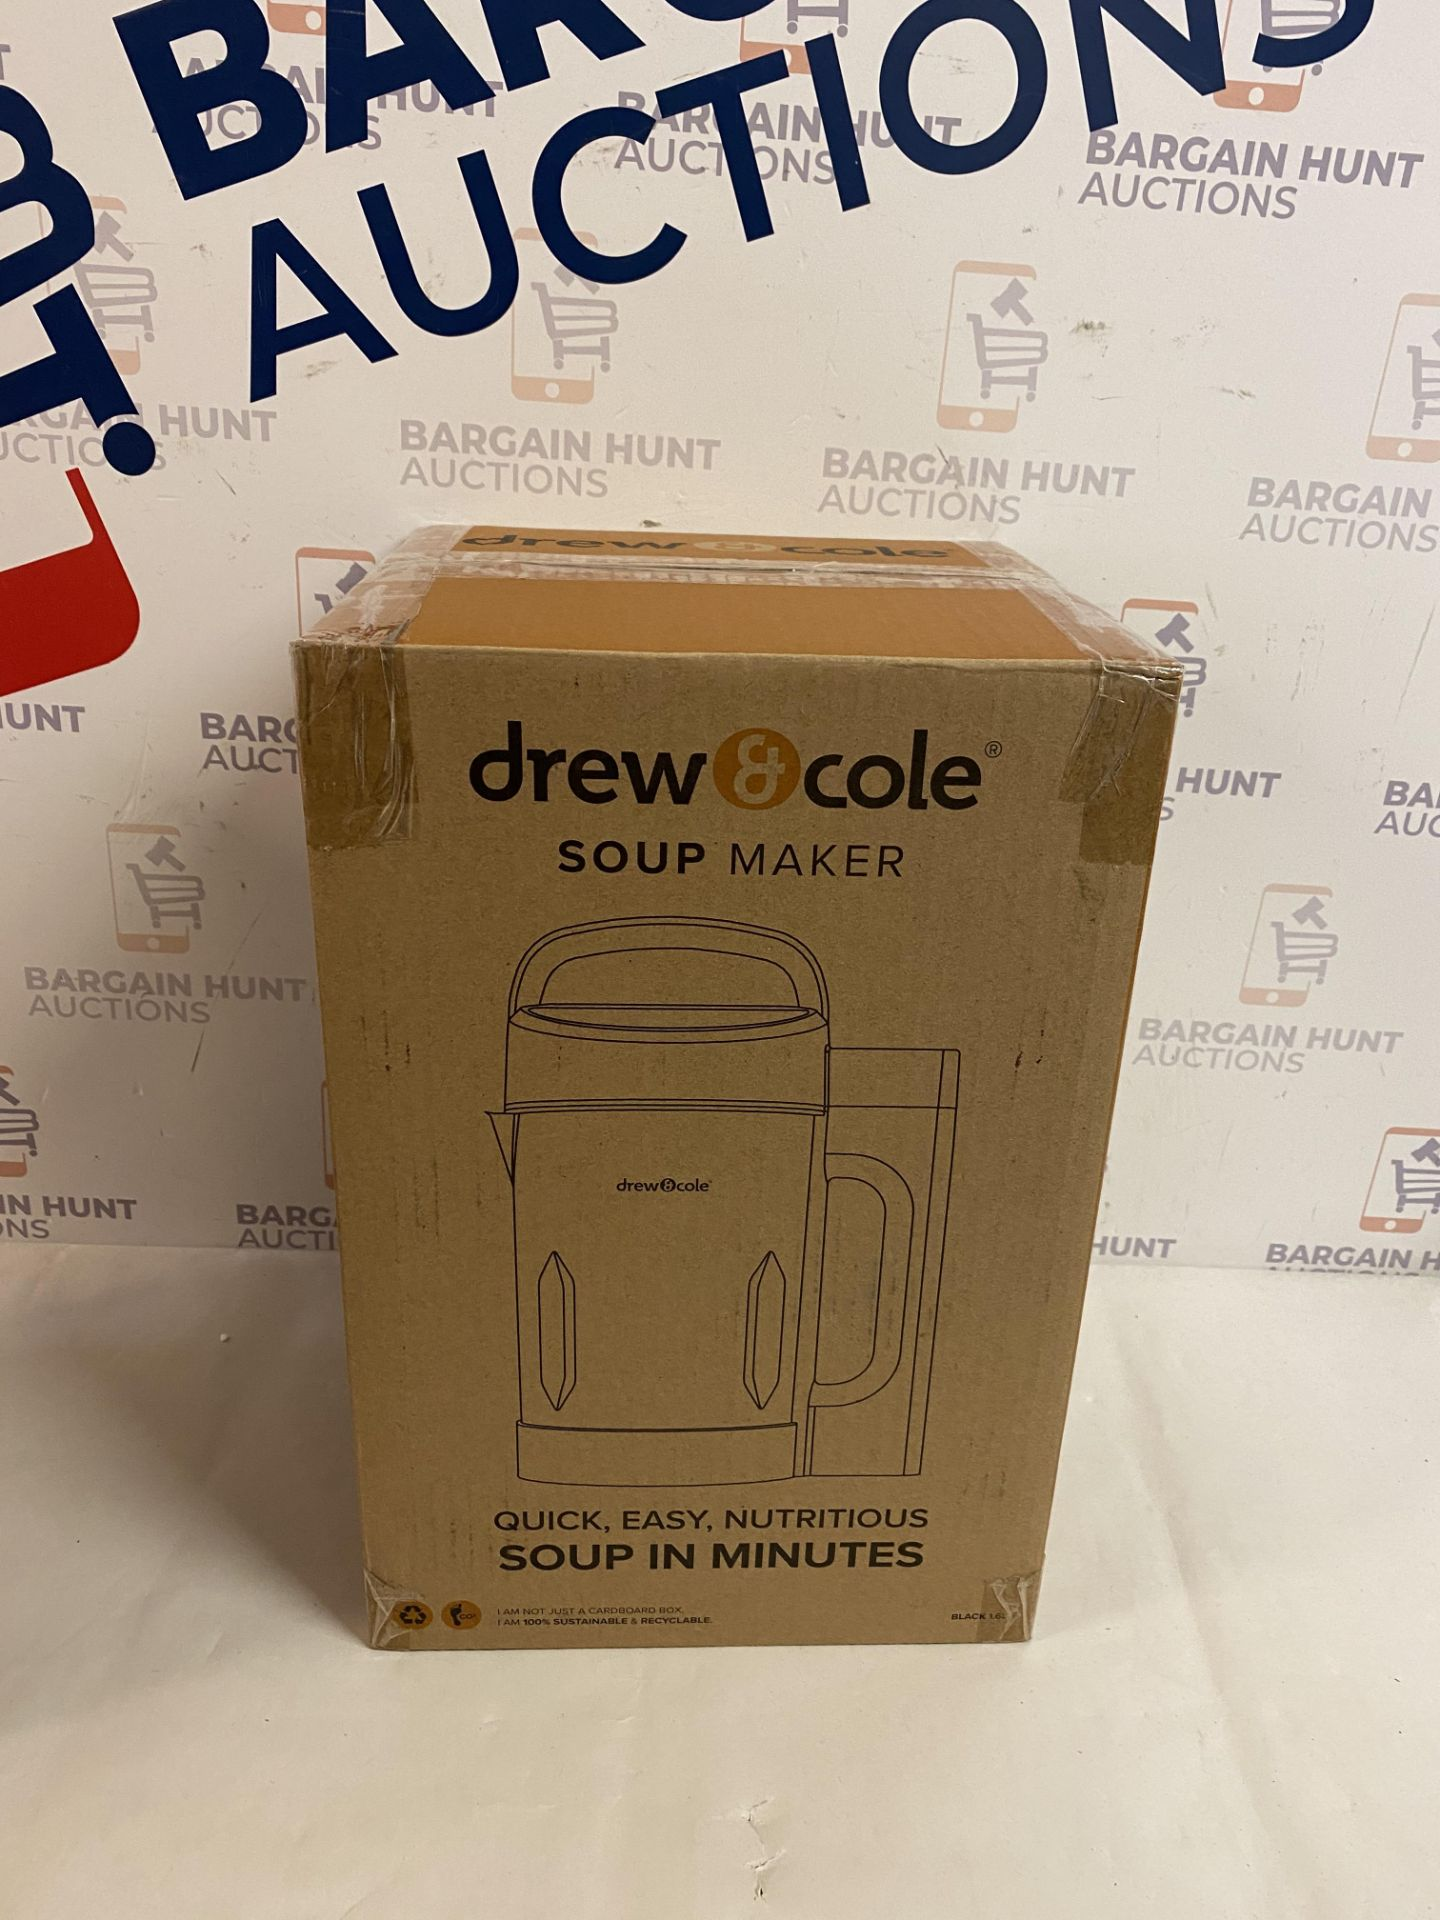   1x   Drew&Cole Soup Maker 1.6L - Black   Refurbished   No Online Resale   SKU 5060541516885  